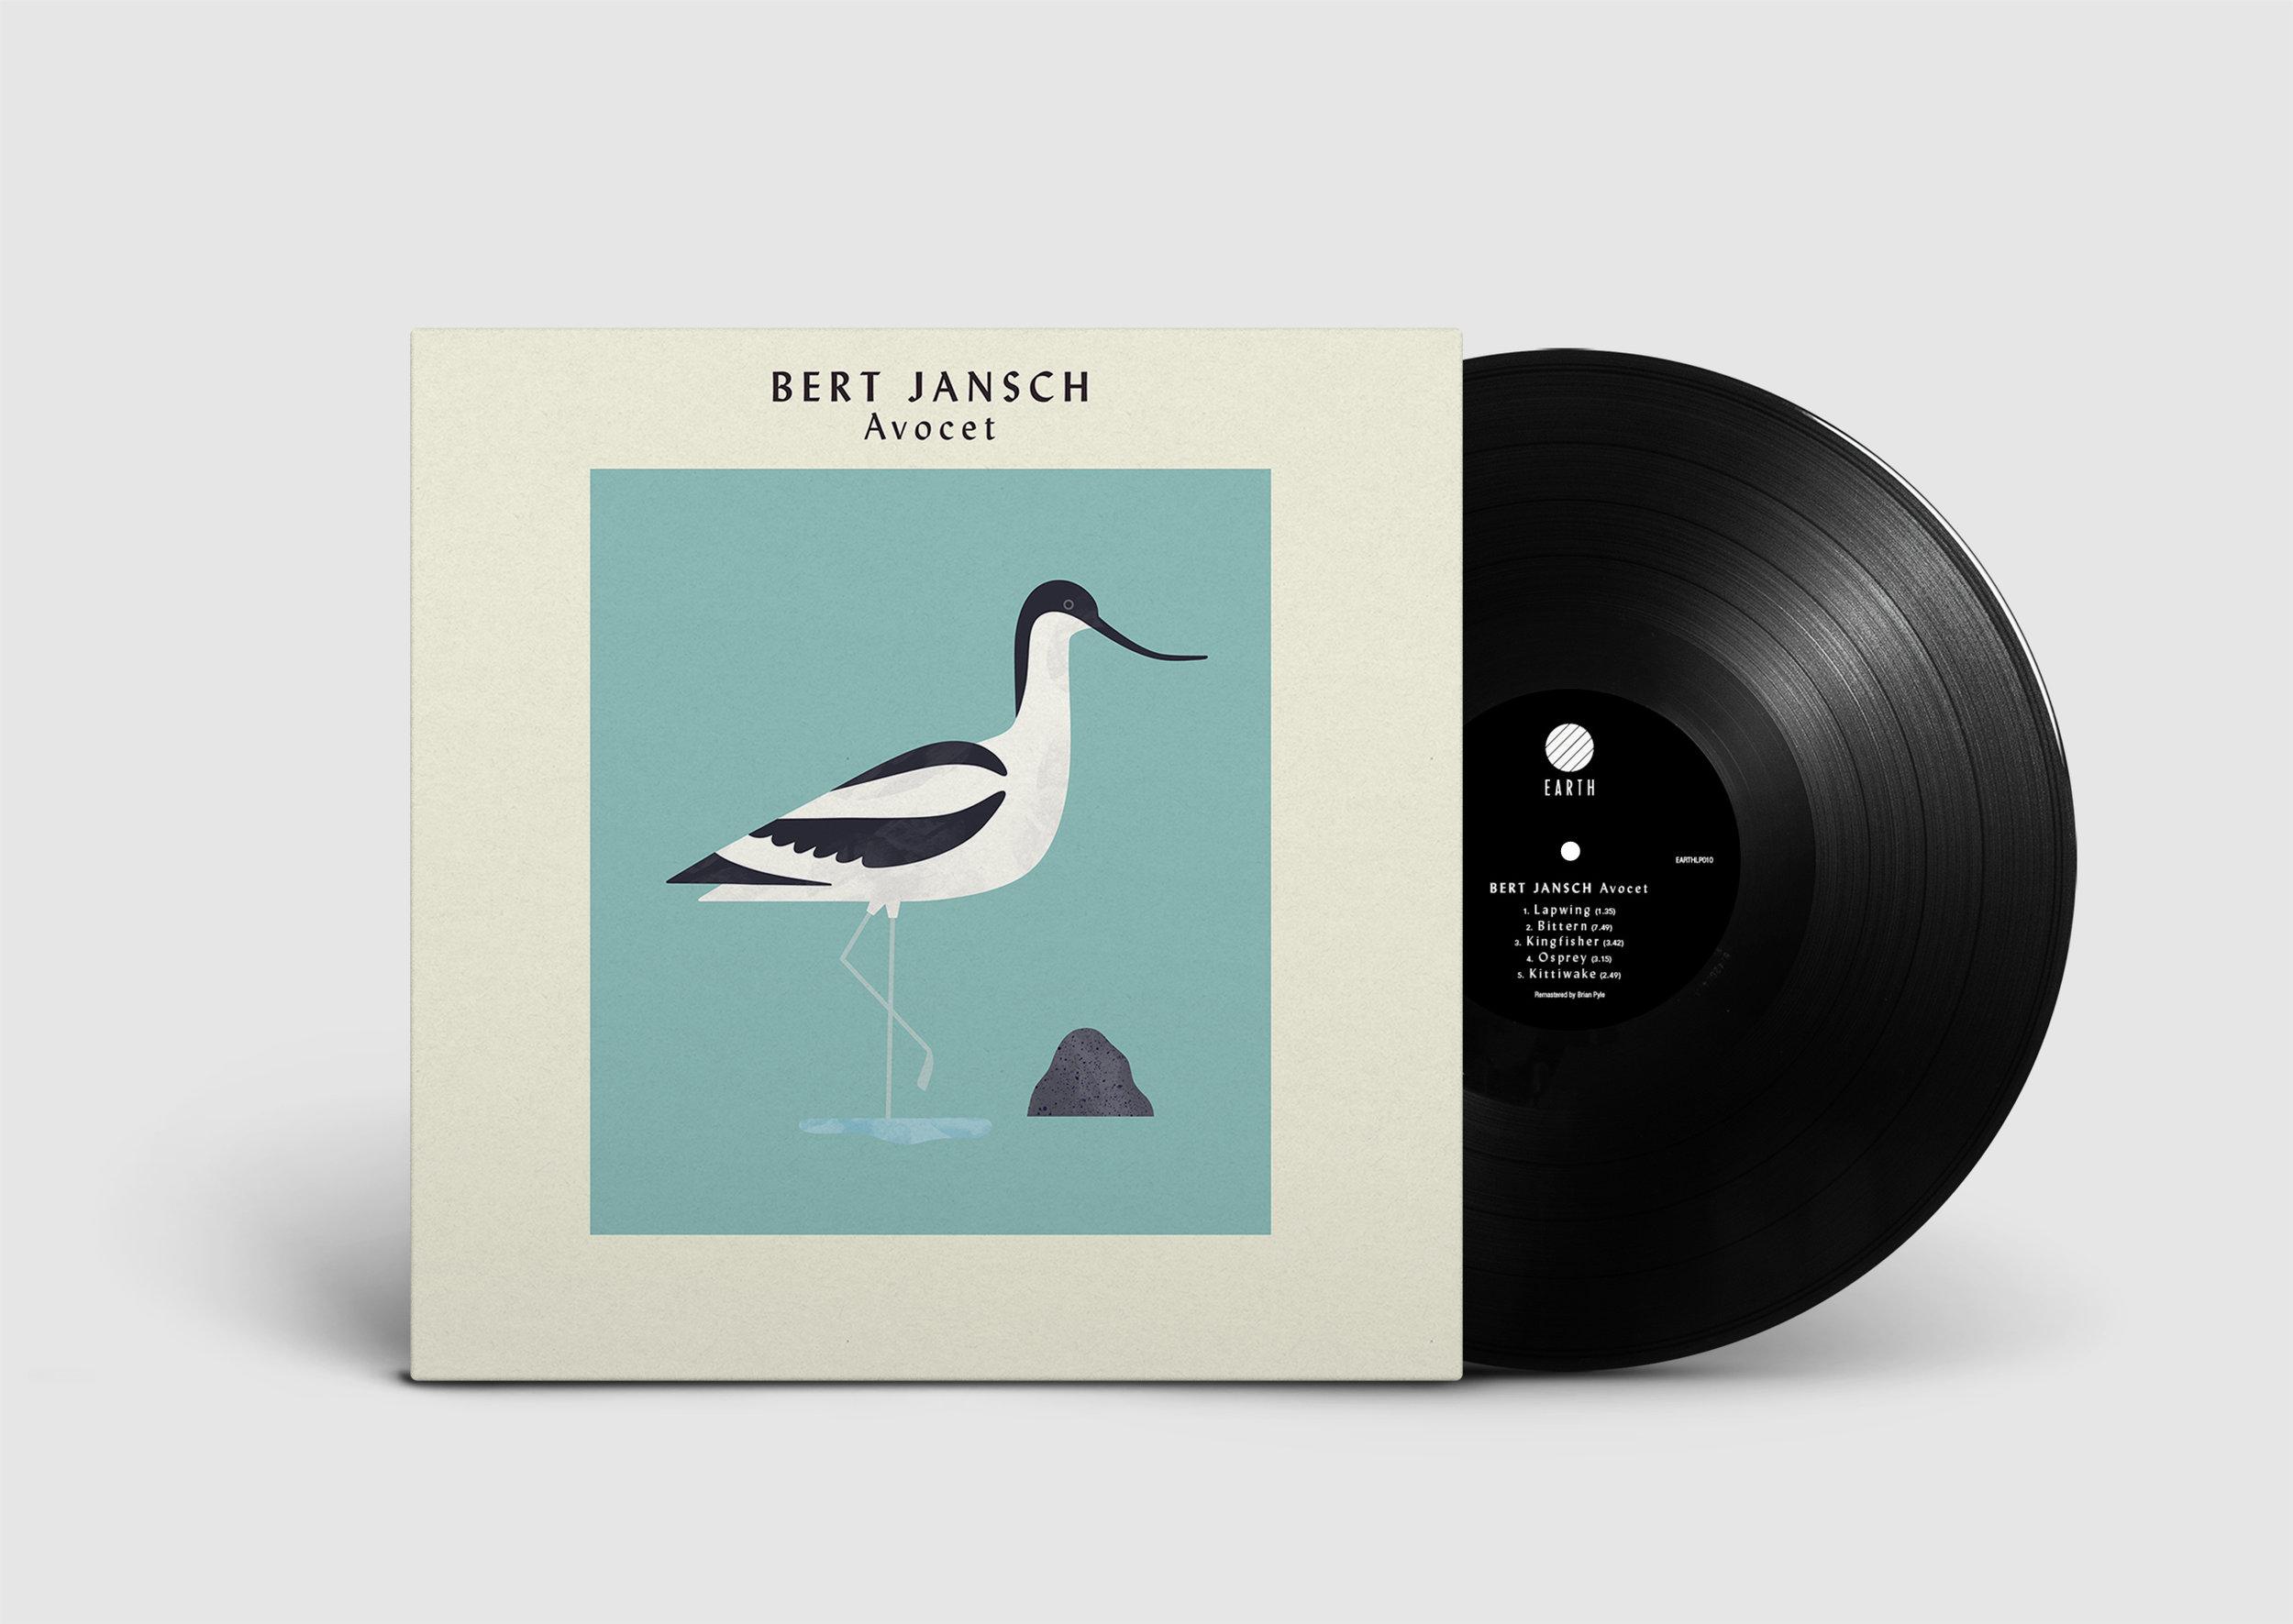 Bert-Jansch-Avocet-Libarary-Edition-LP-render.jpg